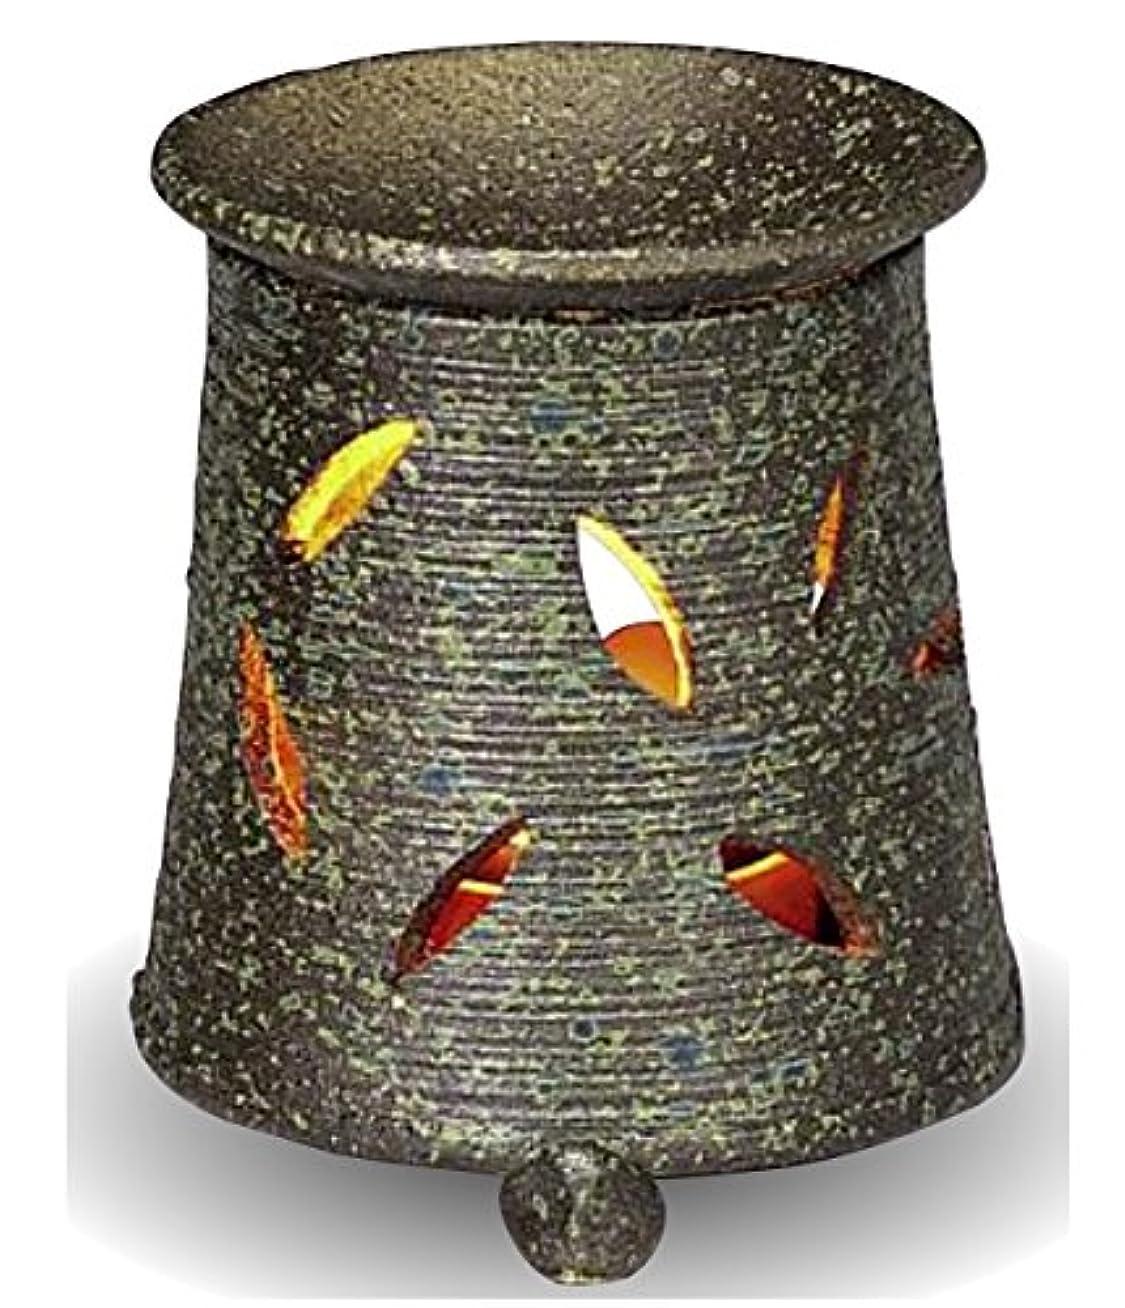 ゼロ傷跡ランダム常滑焼 茶香炉(アロマポット)径9.5×高さ10.5cm